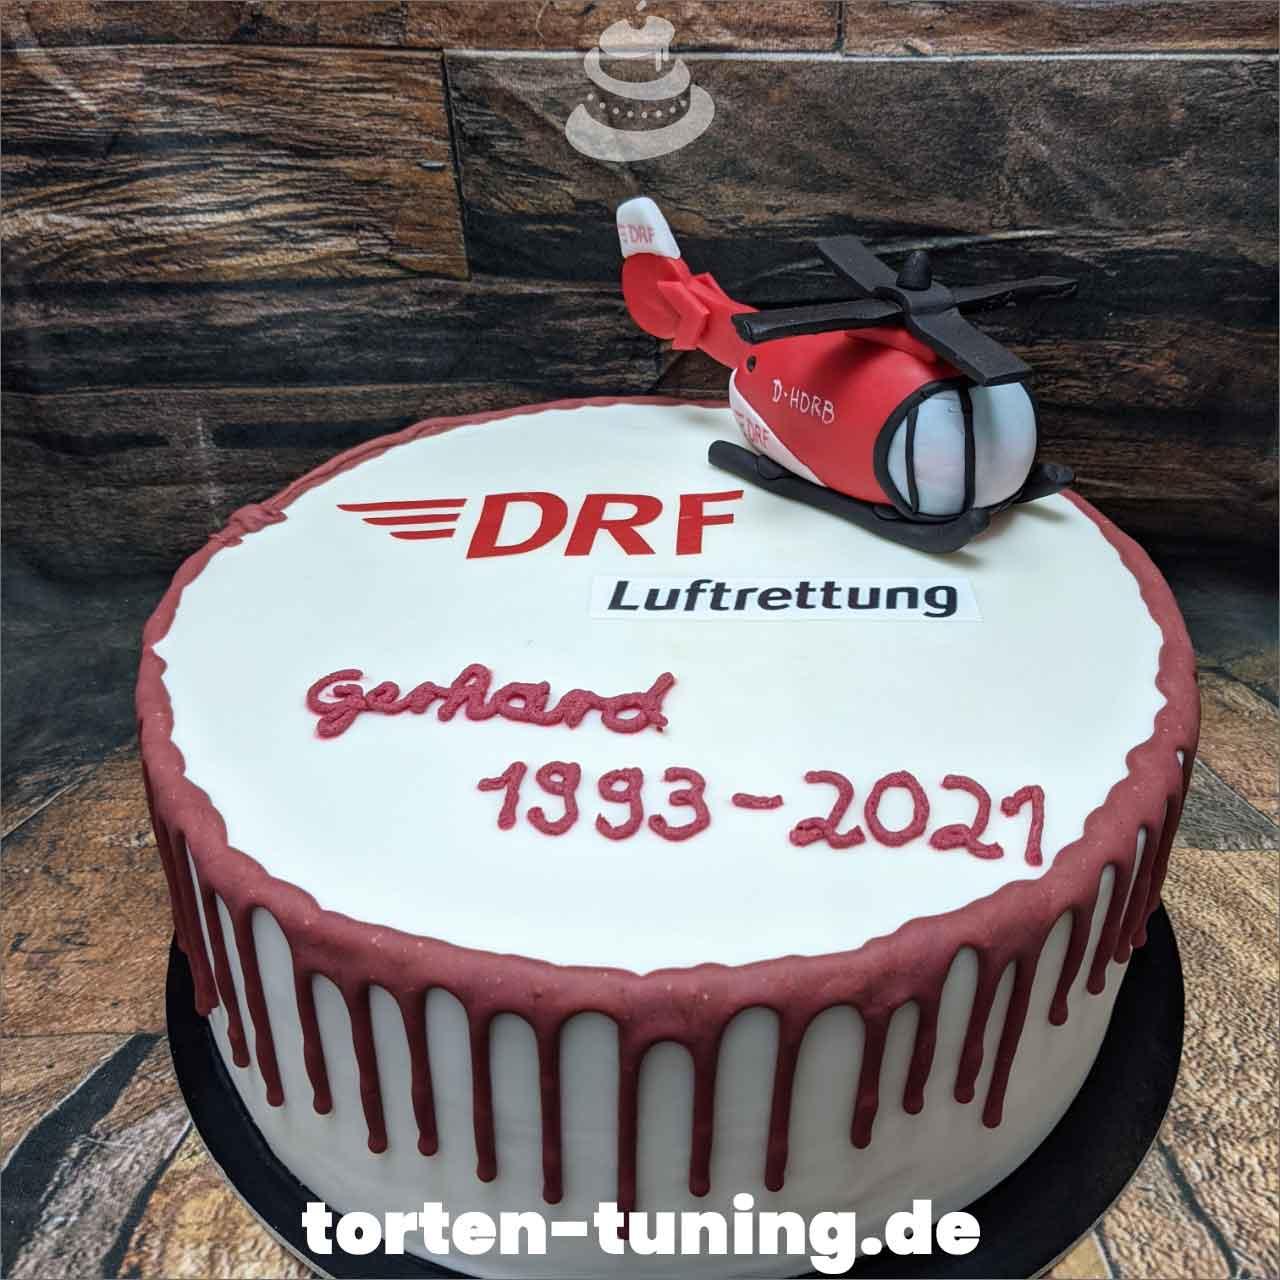 Hubschrauber Helikopter Dripcake Obsttorte Geburtstagstorte Motivtorte Torte Tortendekoration Torte online bestellen Suhl Thüringen Torten Tuning Sahnetorte Tortenfiguren Cake Topper